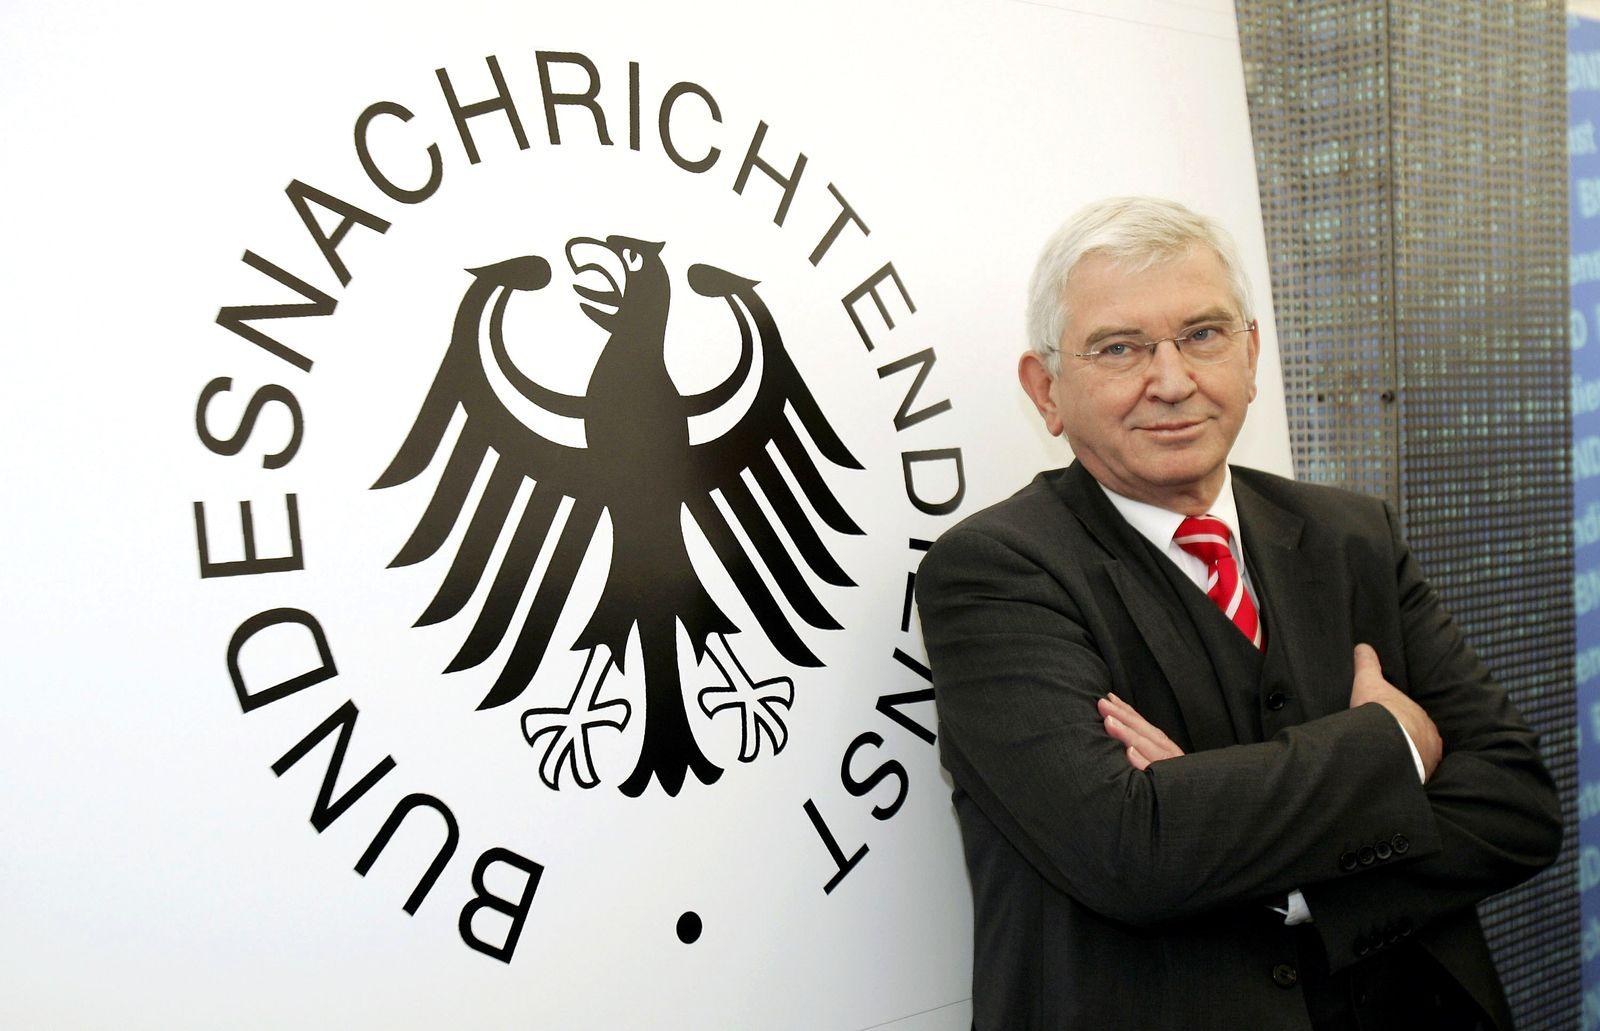 Ernst Uhrlau / BND